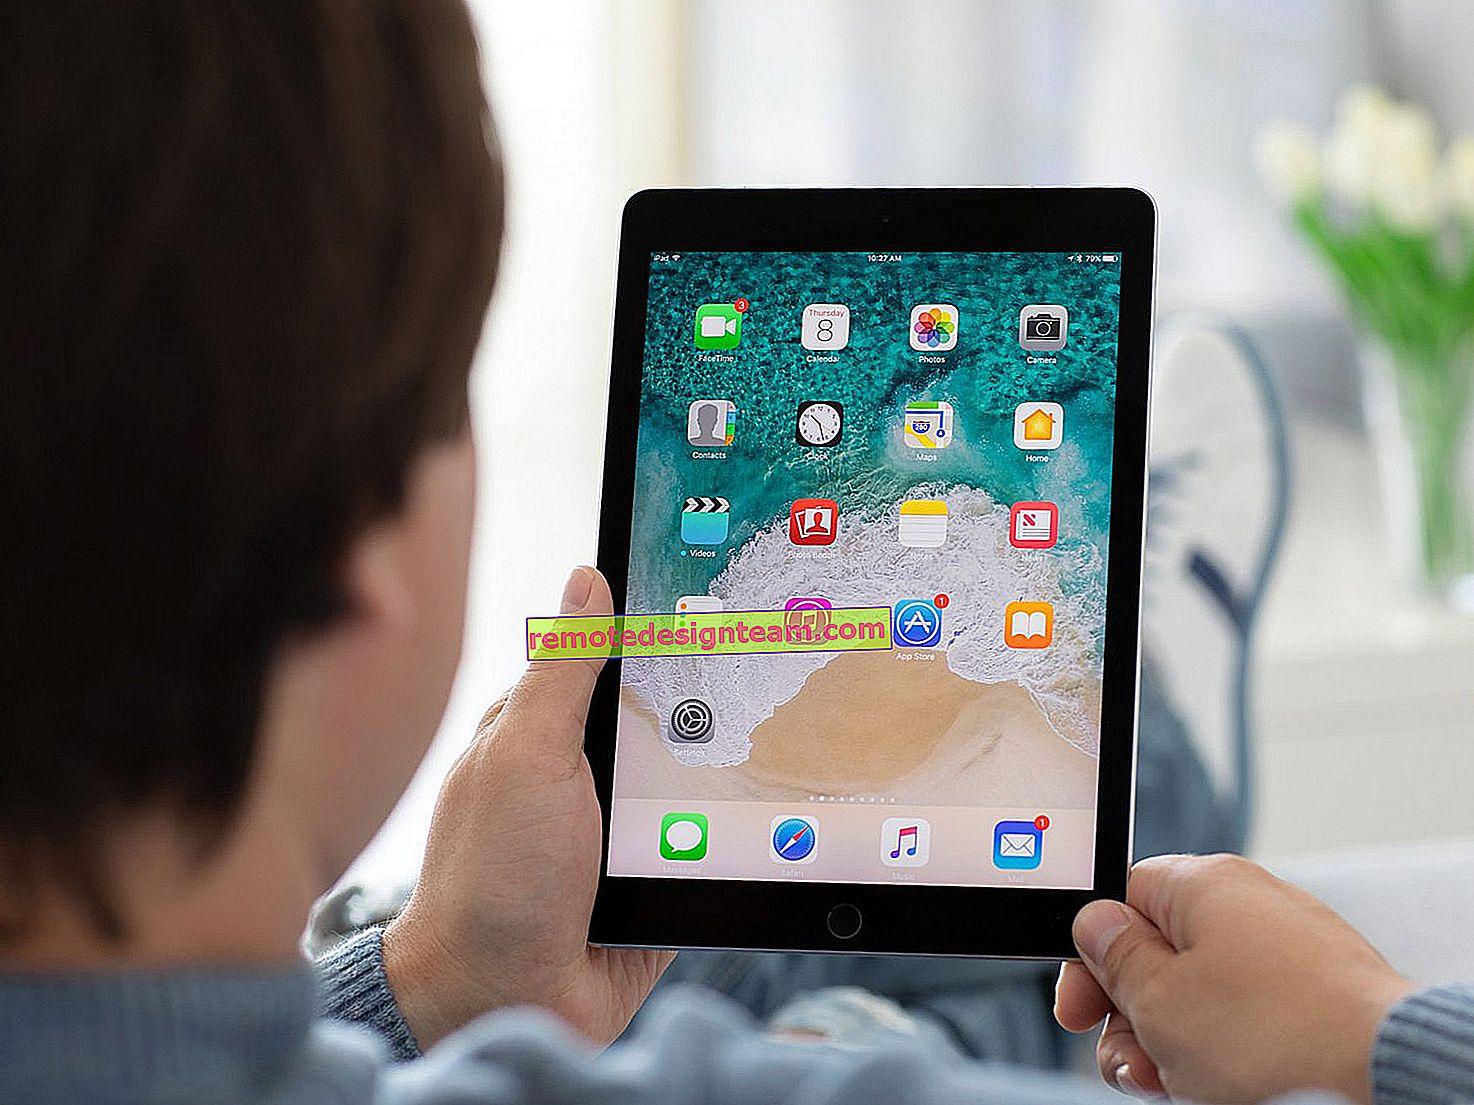 iPhone(iPad)がWi-Fiネットワークを認識できない場合はどうすればよいですか?